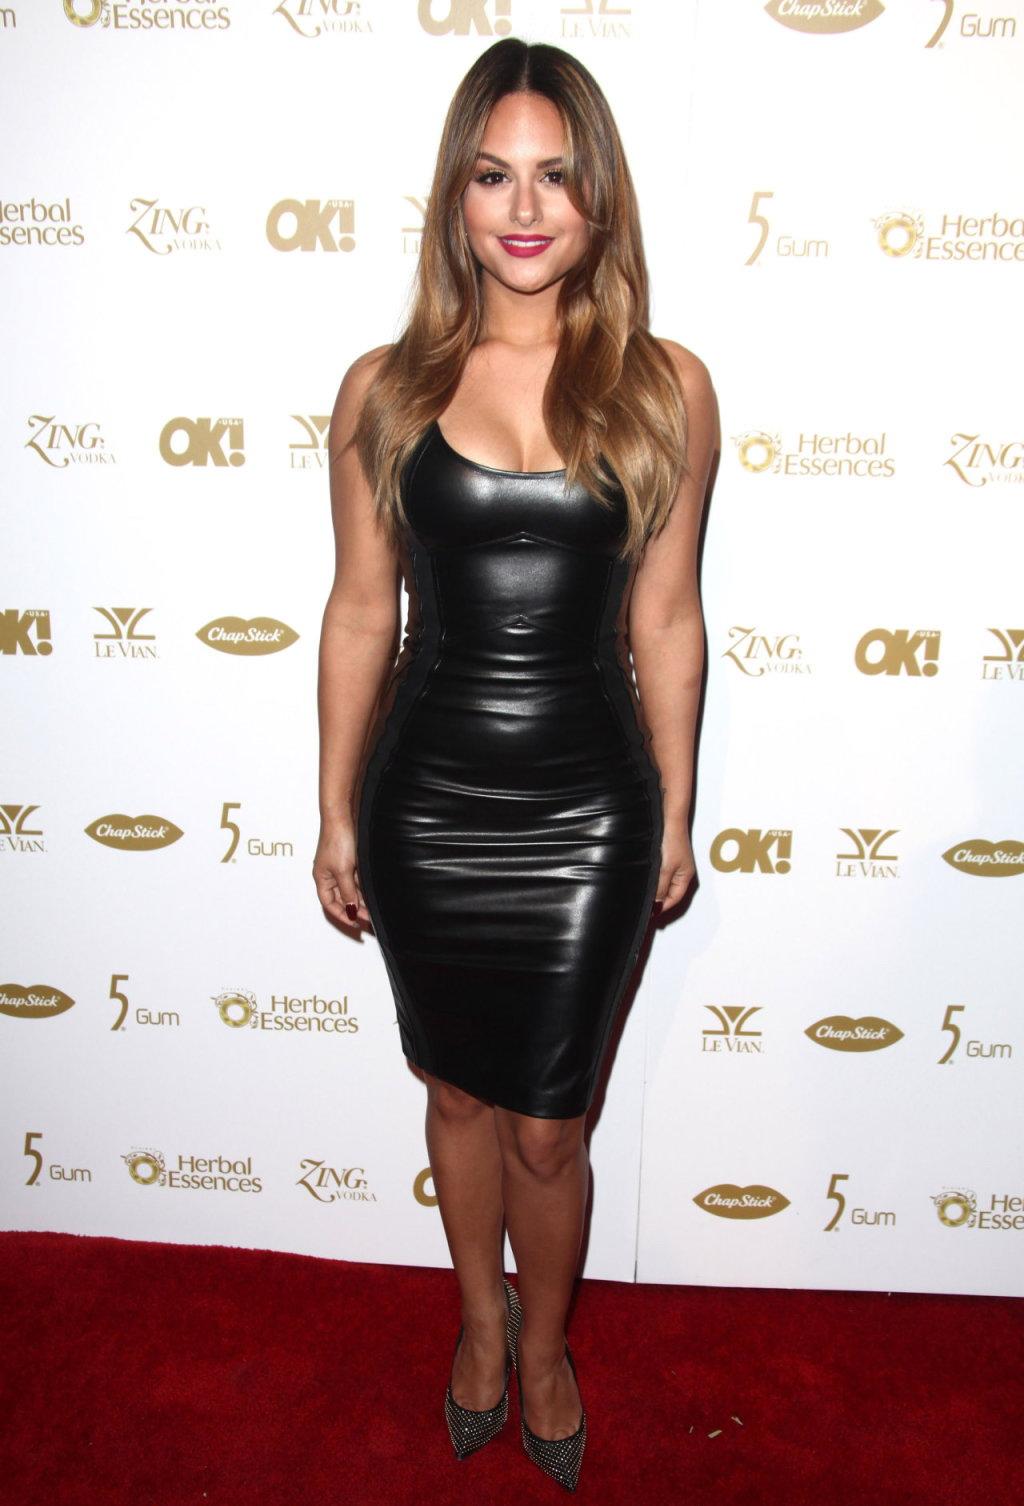 pre-GRAMMY Awards 2014: Red Carpet photos -24 - GotCeleb